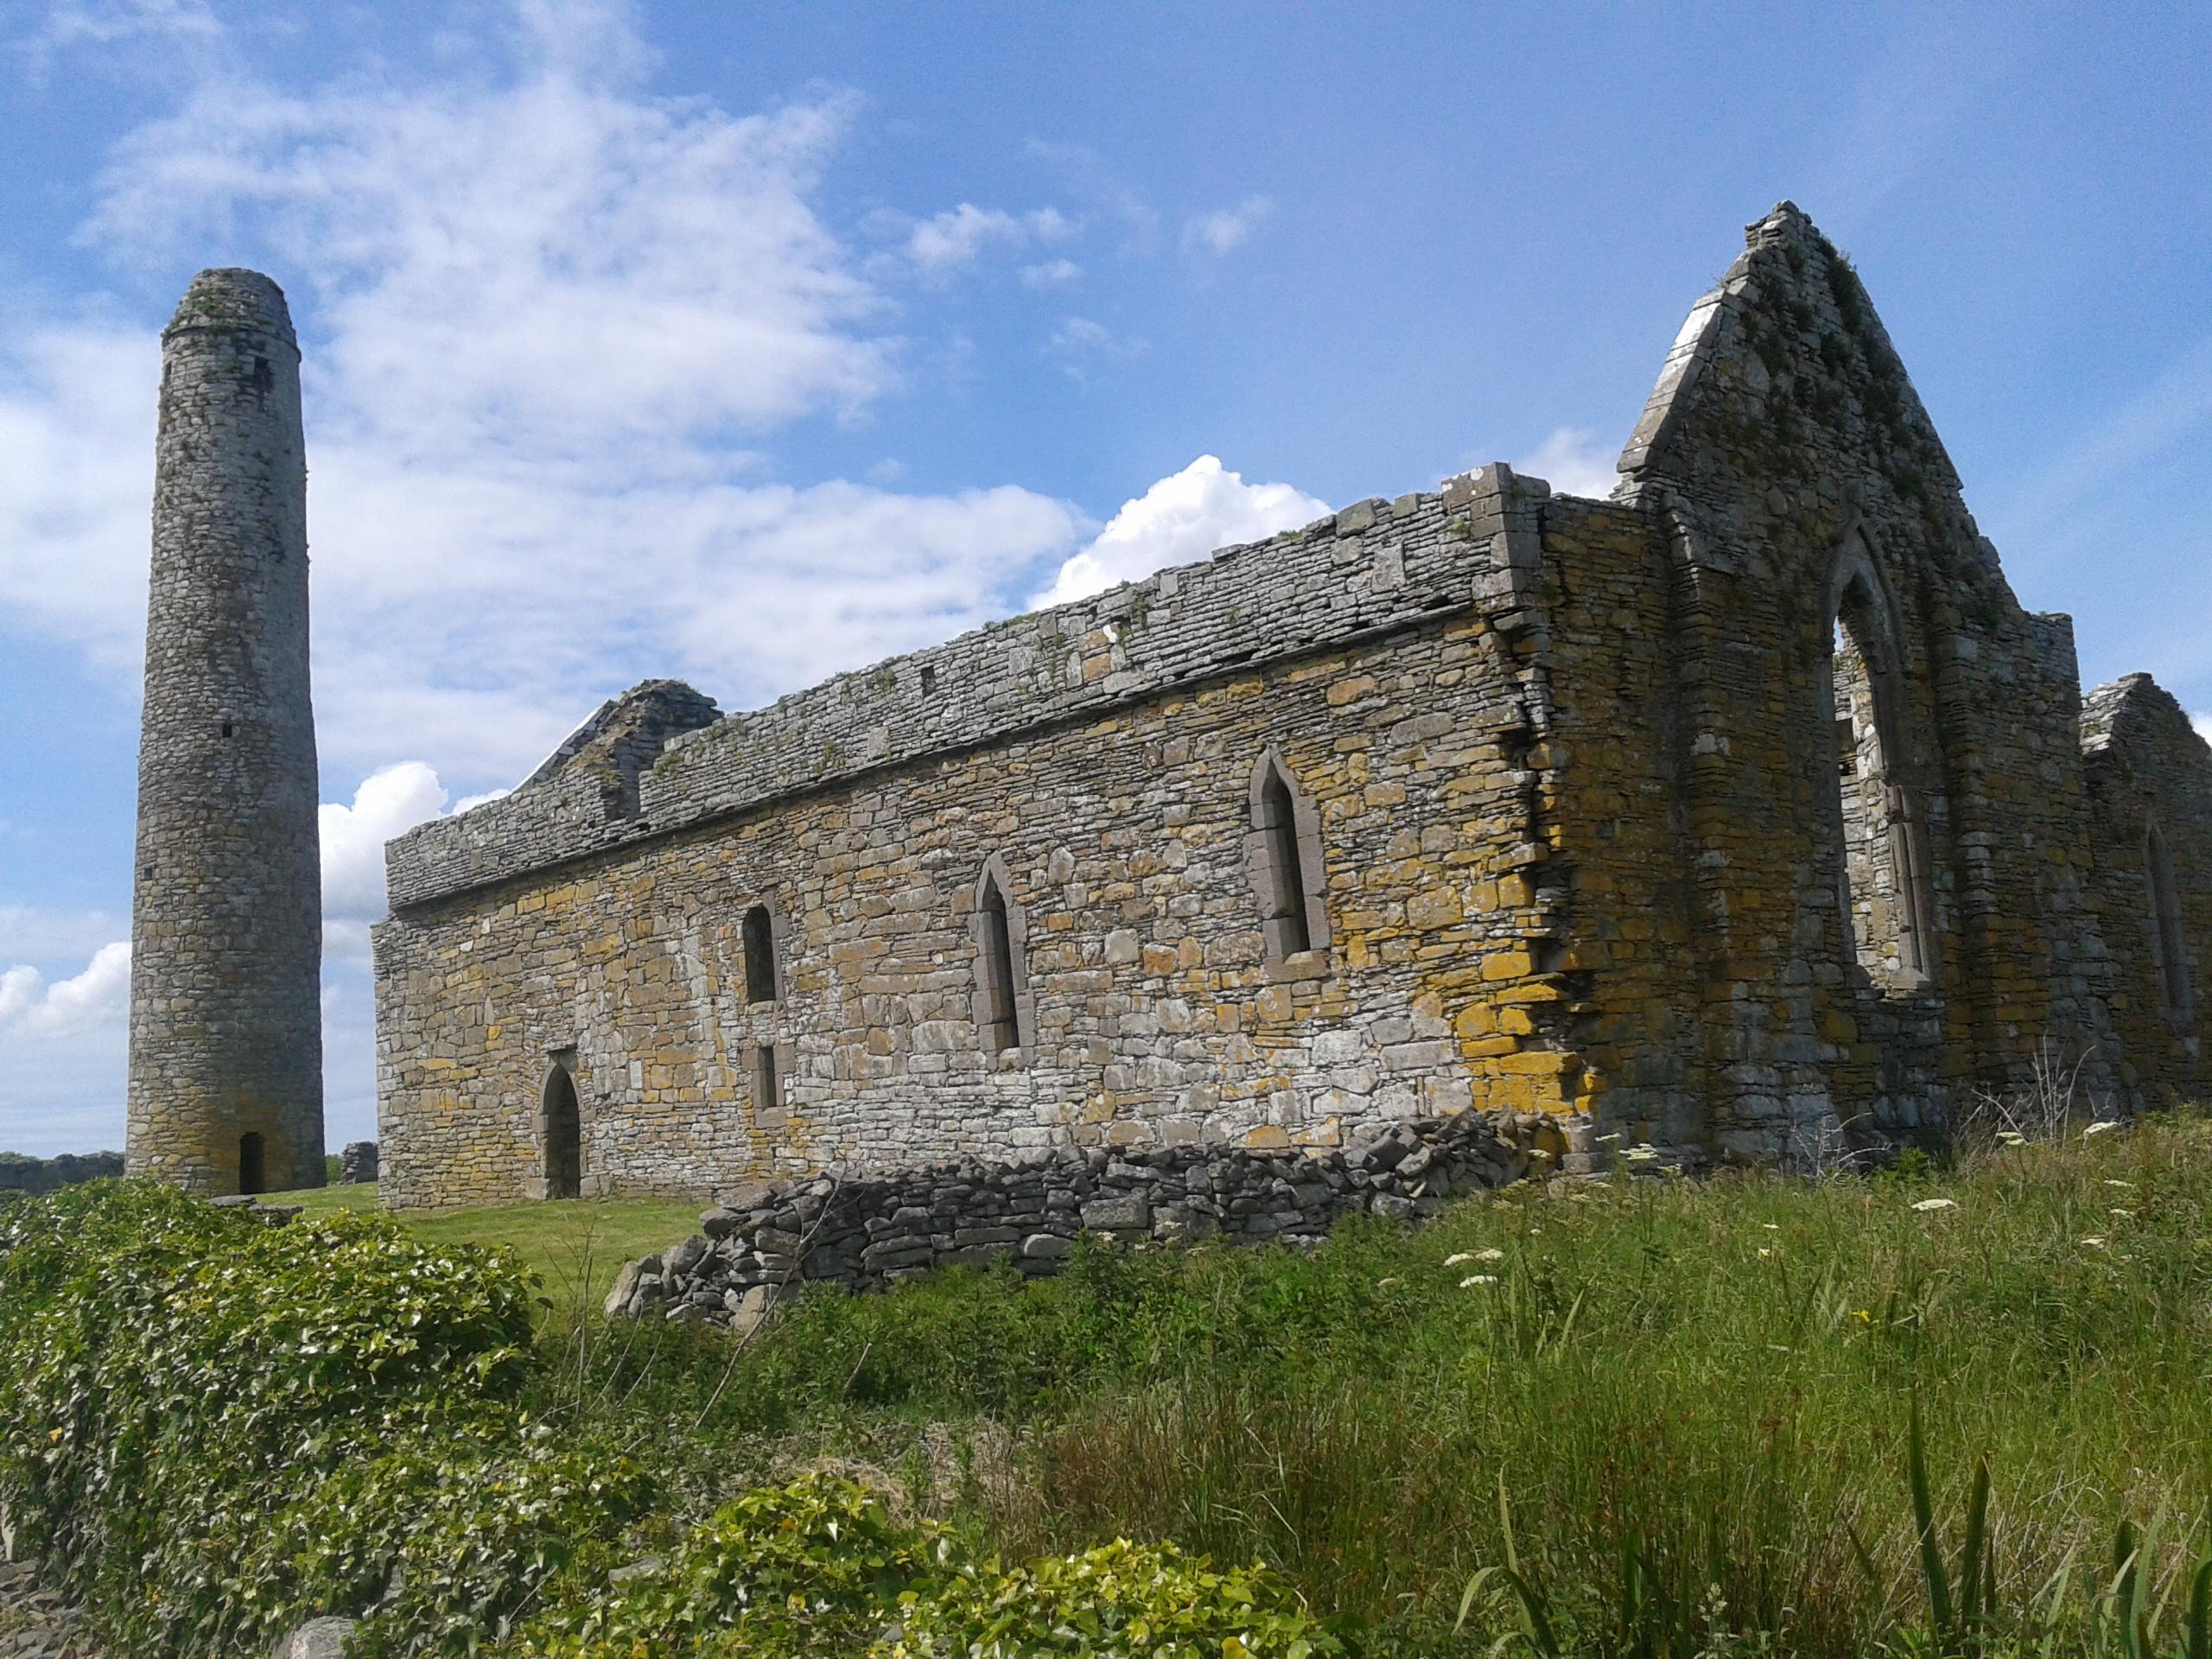 Inis Cathaigh, l'isola del profeta